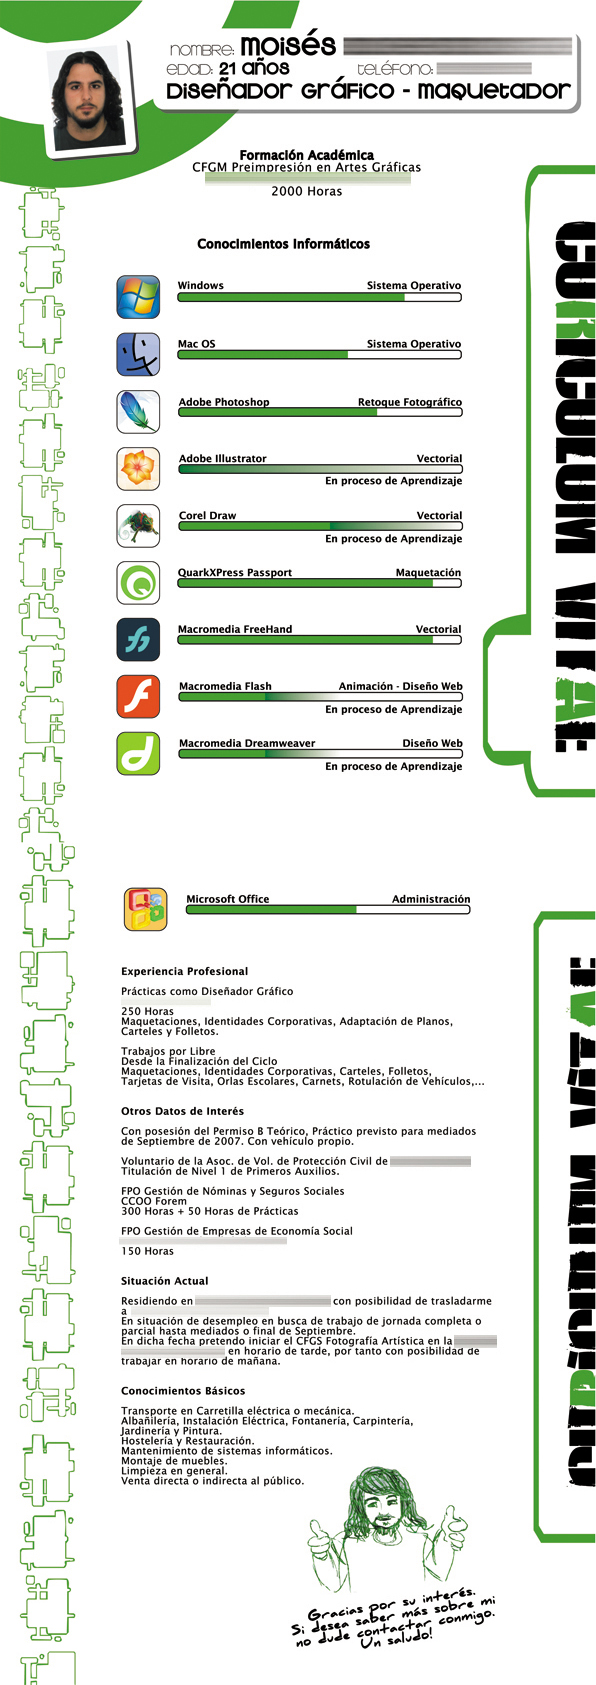 Curriculum Vitae by Uito2